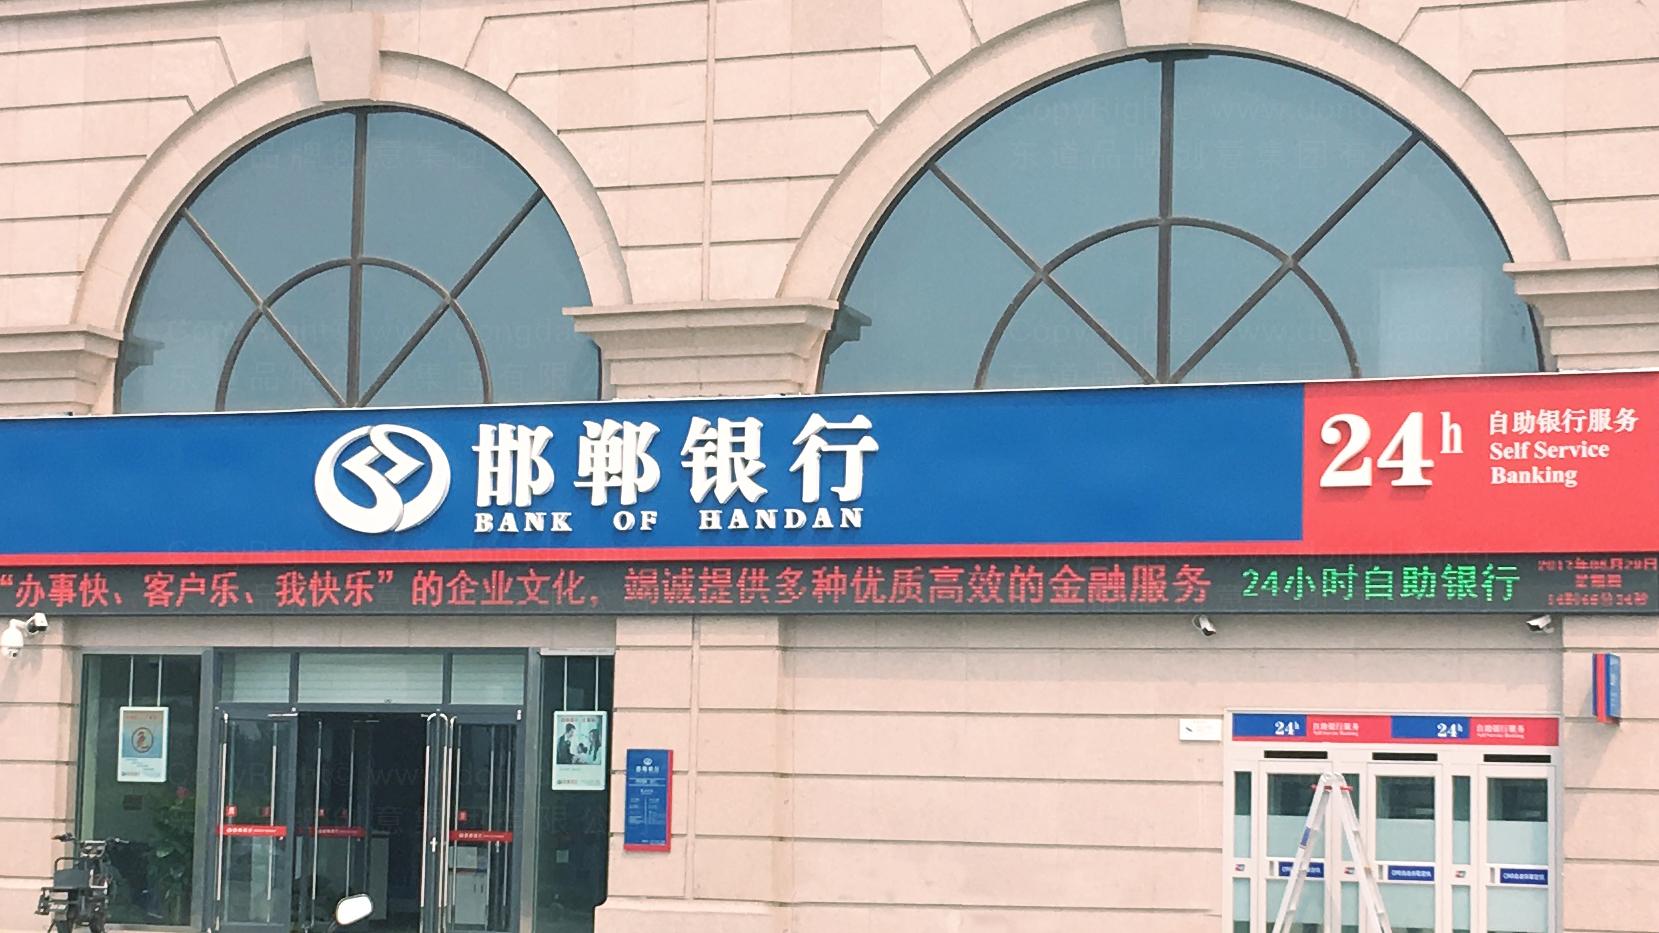 落地工程邯郸银行标识工程应用场景_30